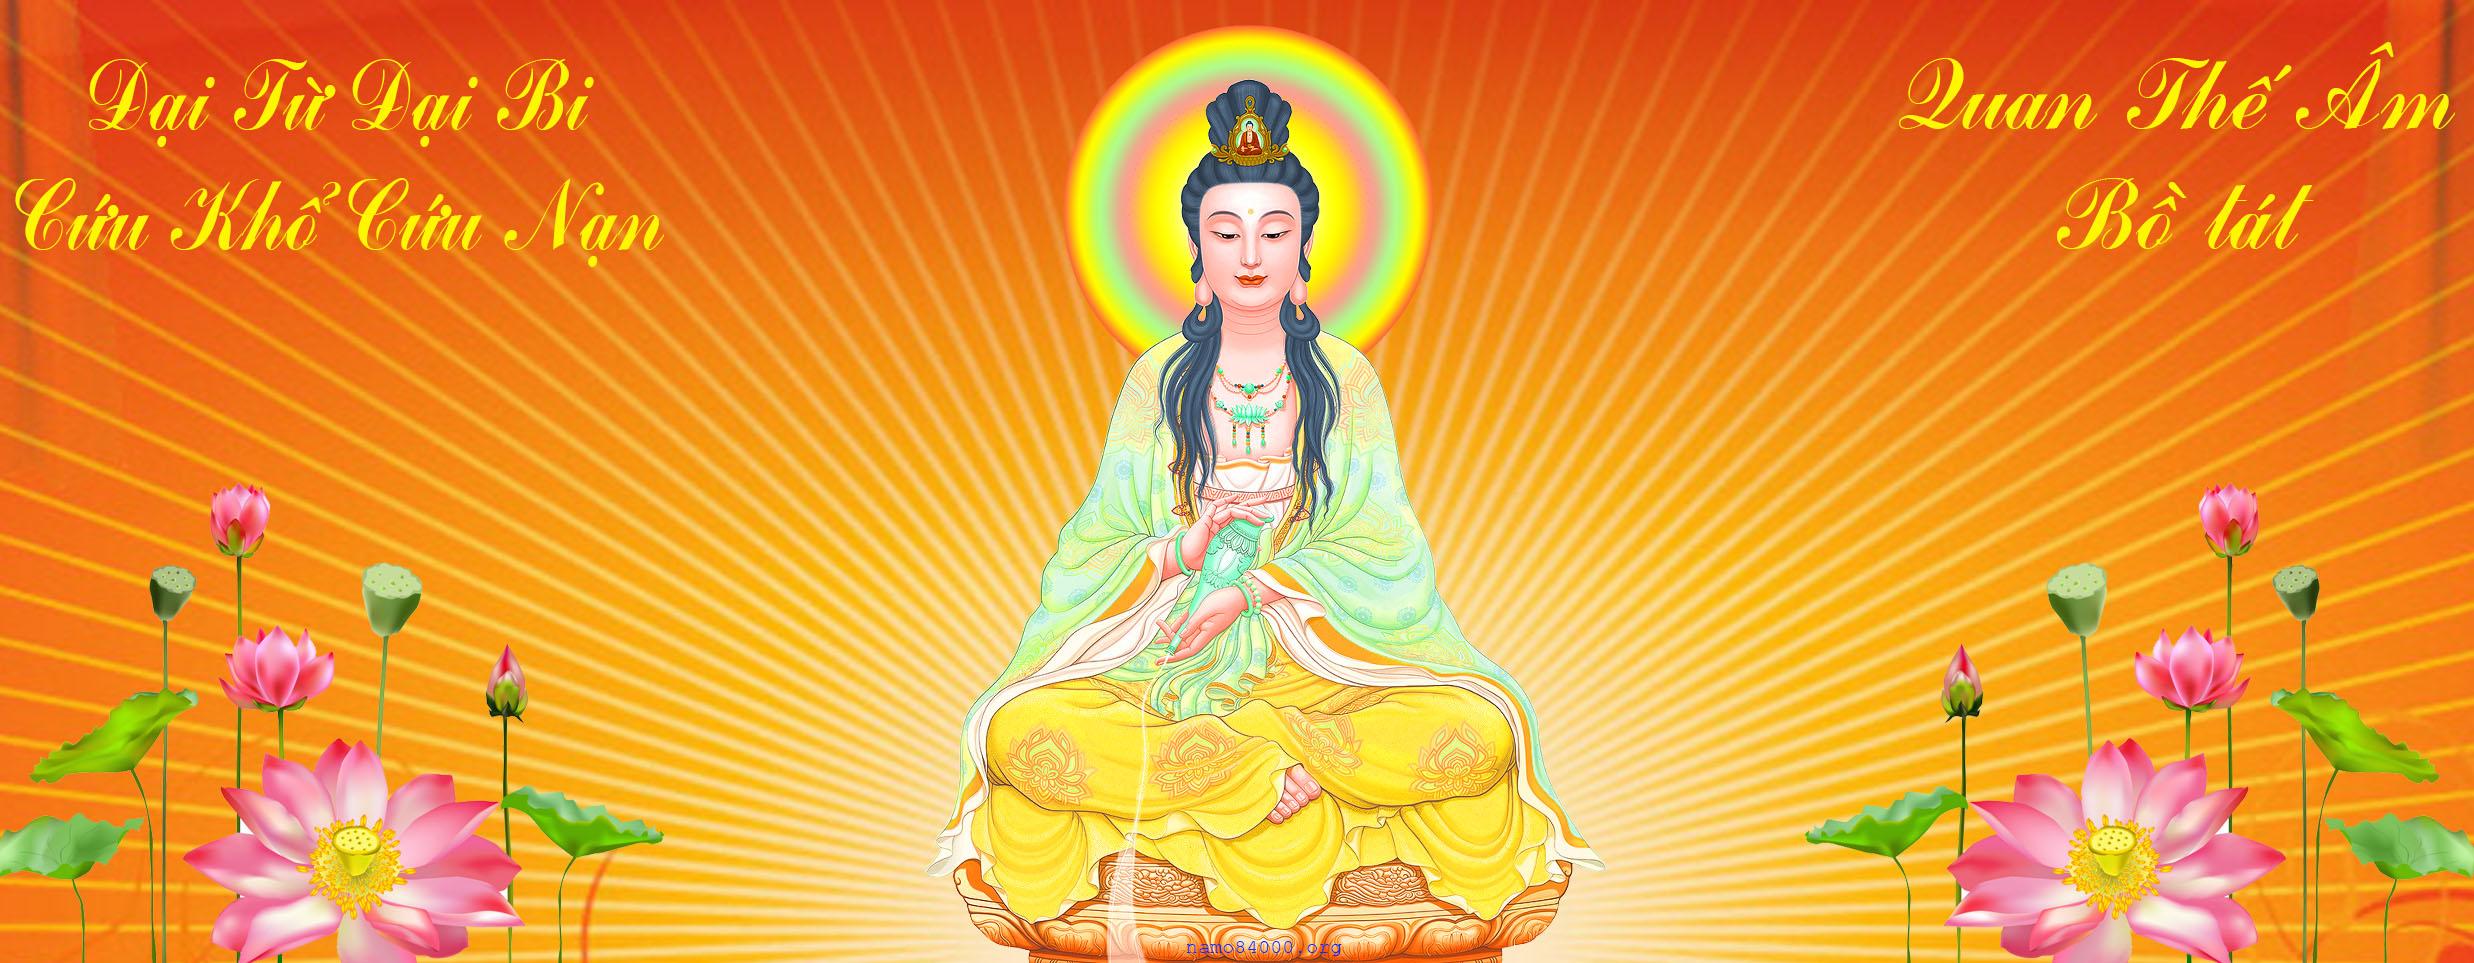 Phap Hoi Dai Bi Quan Am